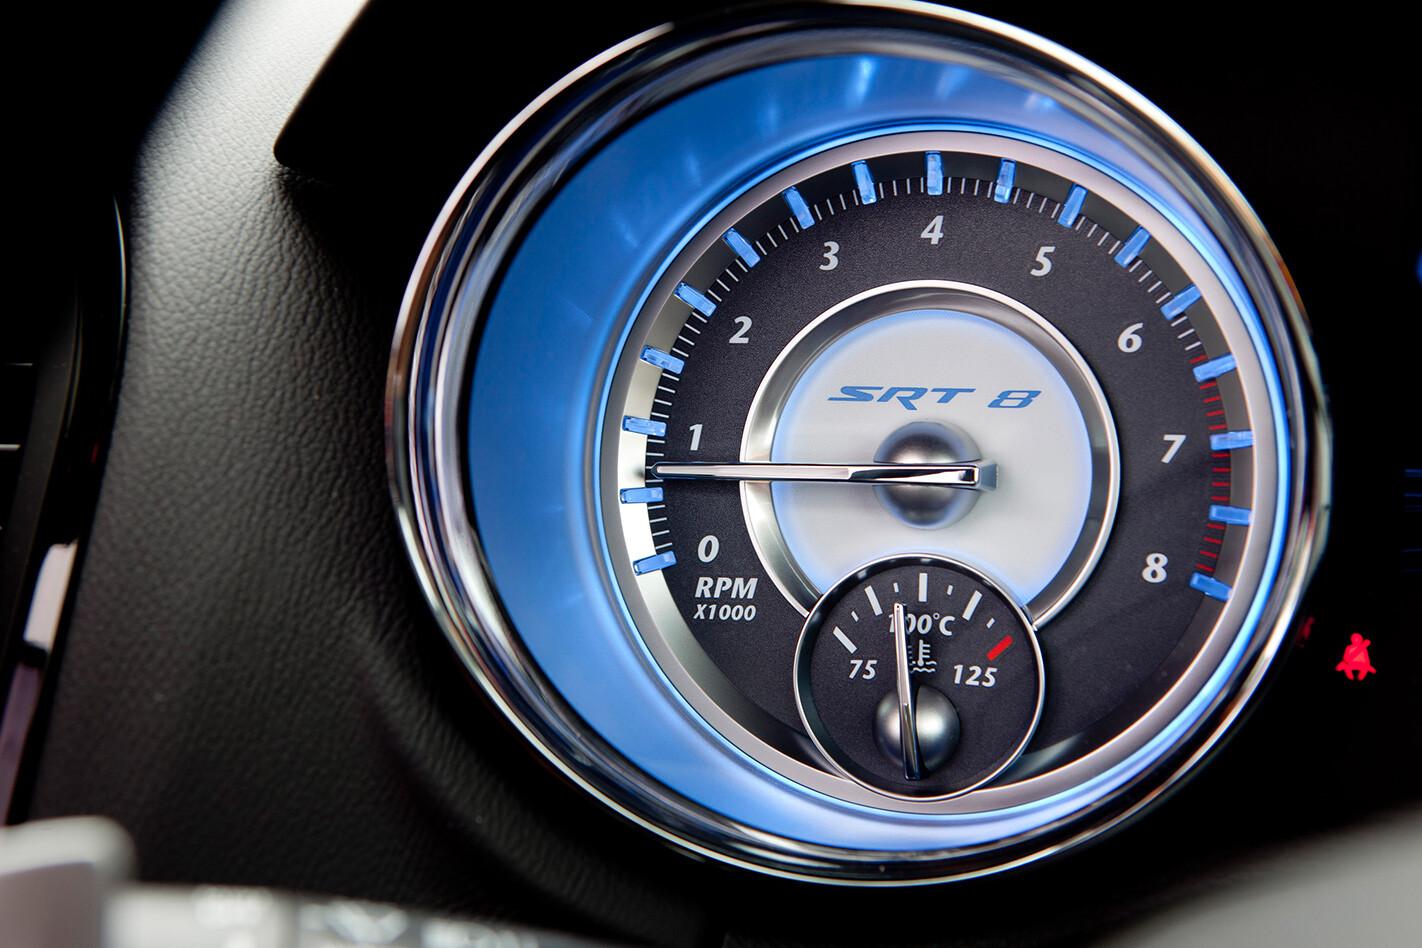 2012-FPV-GT-RSPEC-gauges.jpg